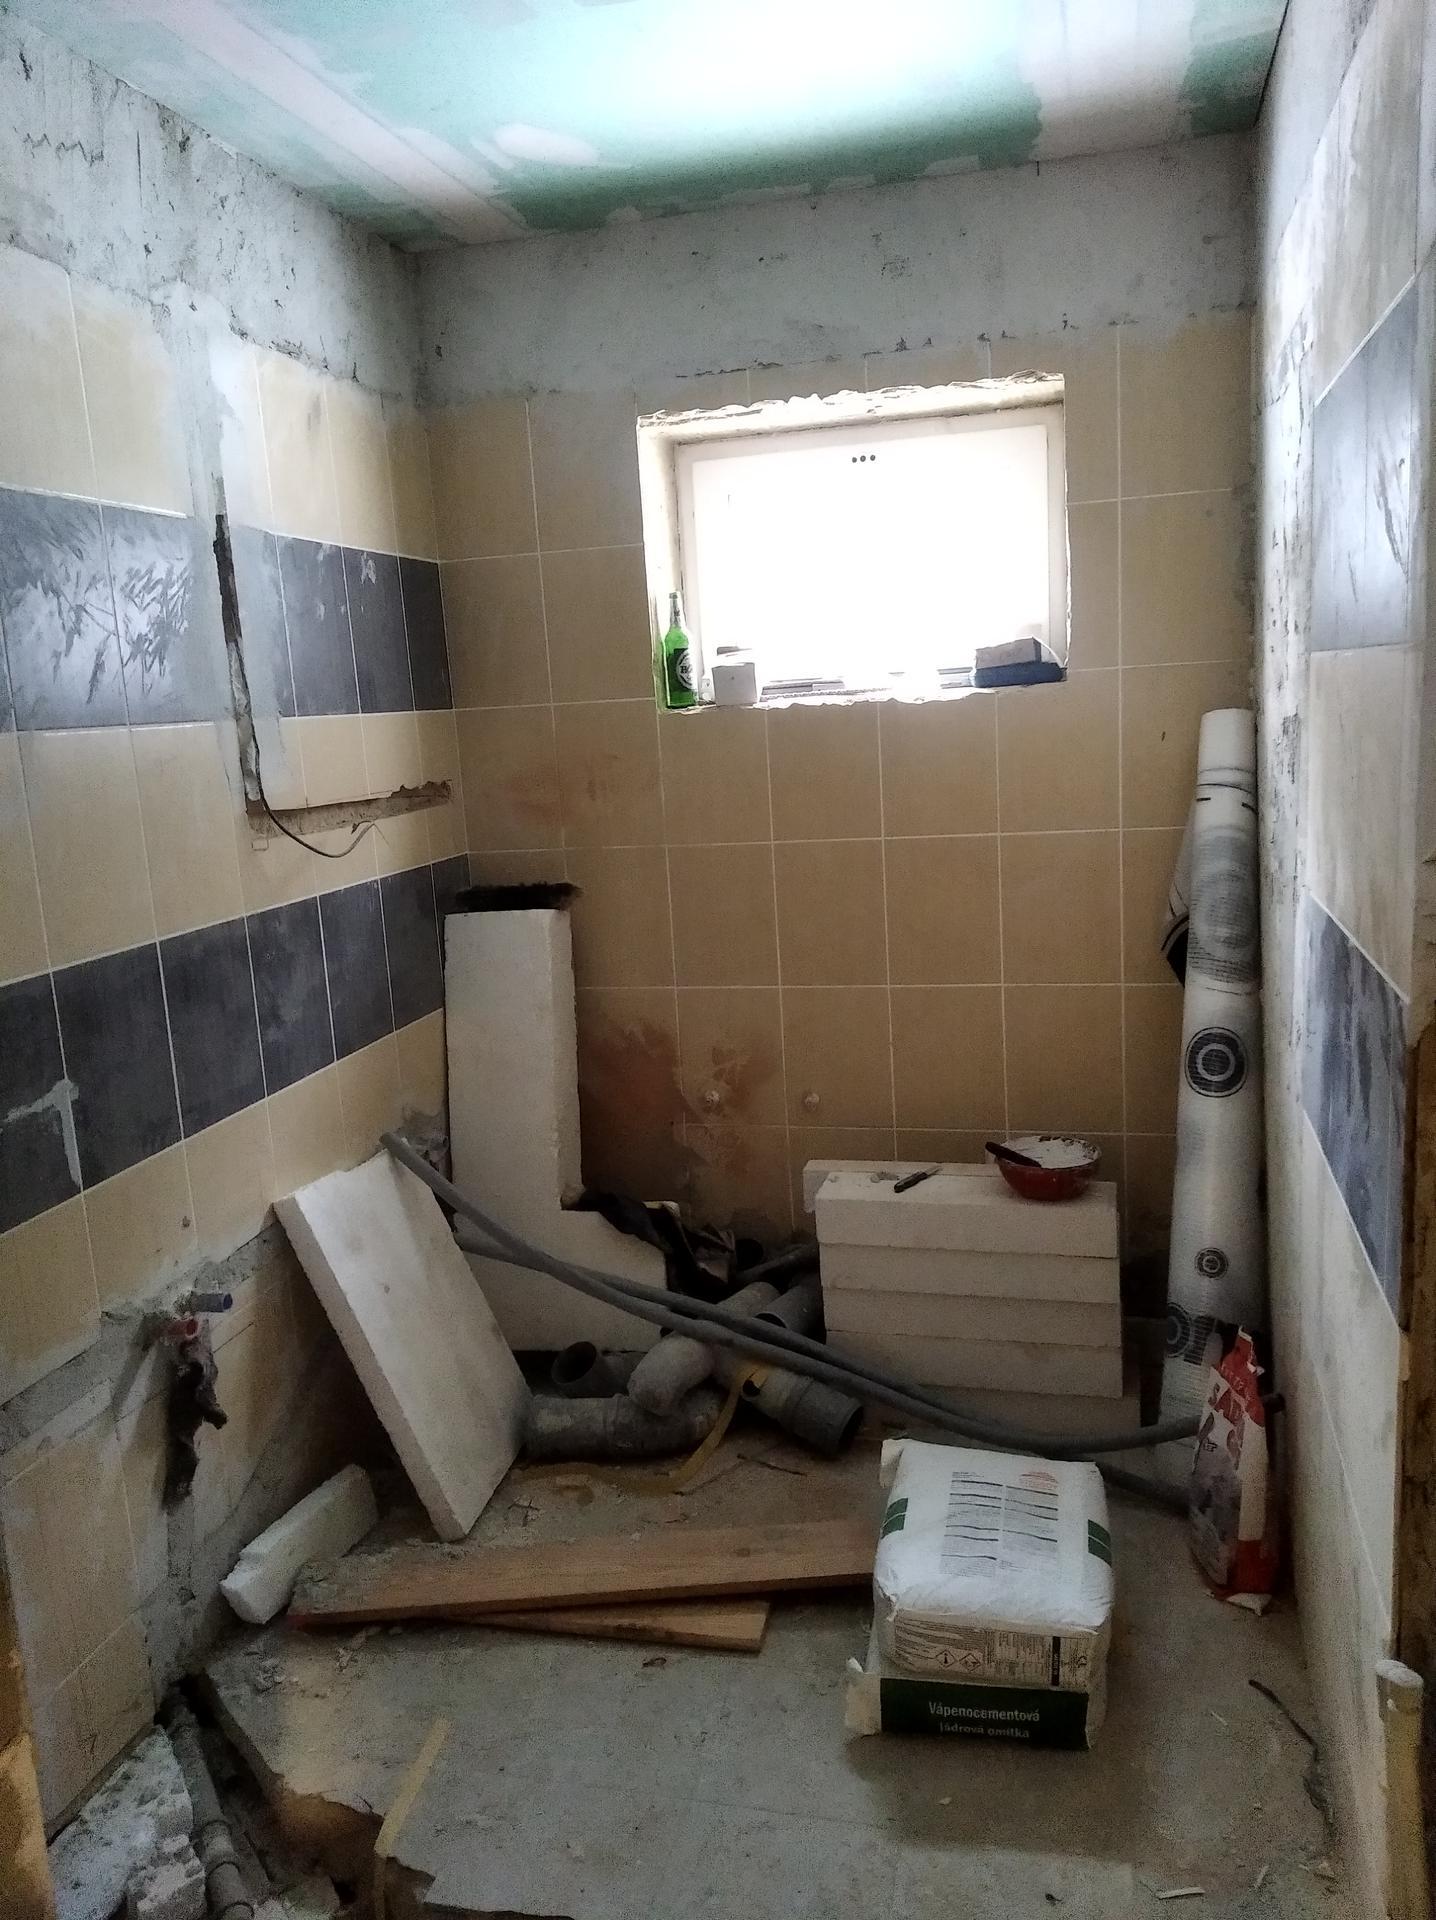 Přestavba hospůdky na bydlení - Obrázek č. 43